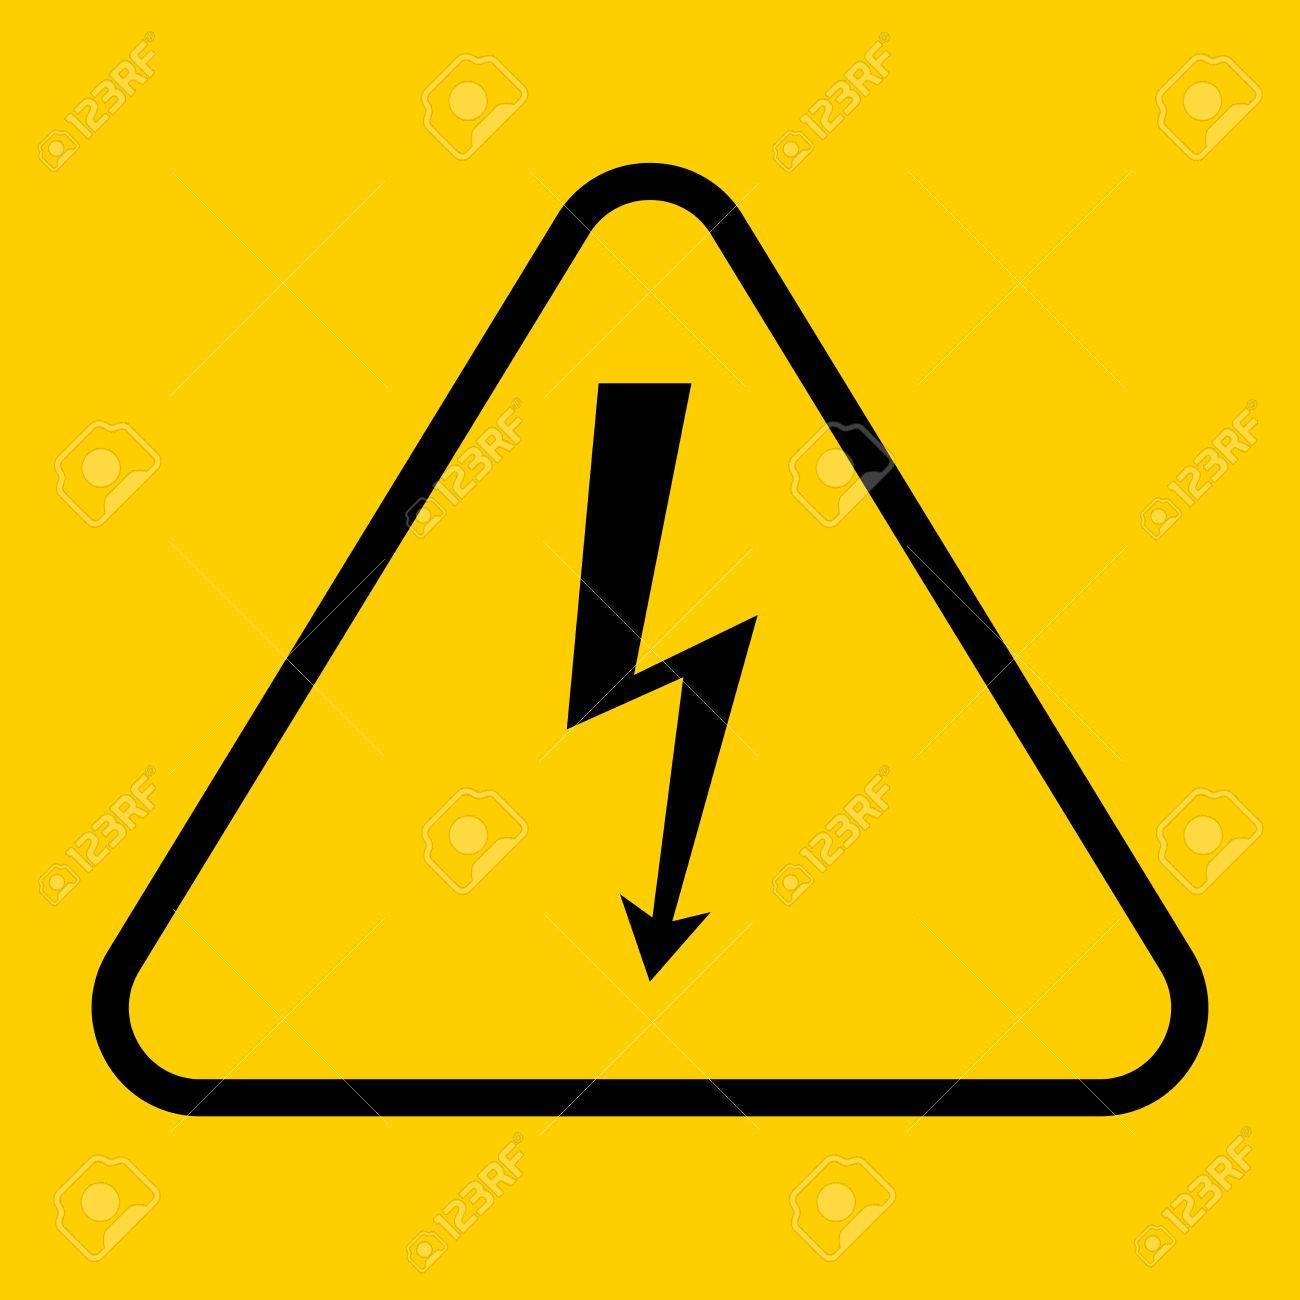 Danger Sign With Frame Vector Illustration Of High Voltage Symbol